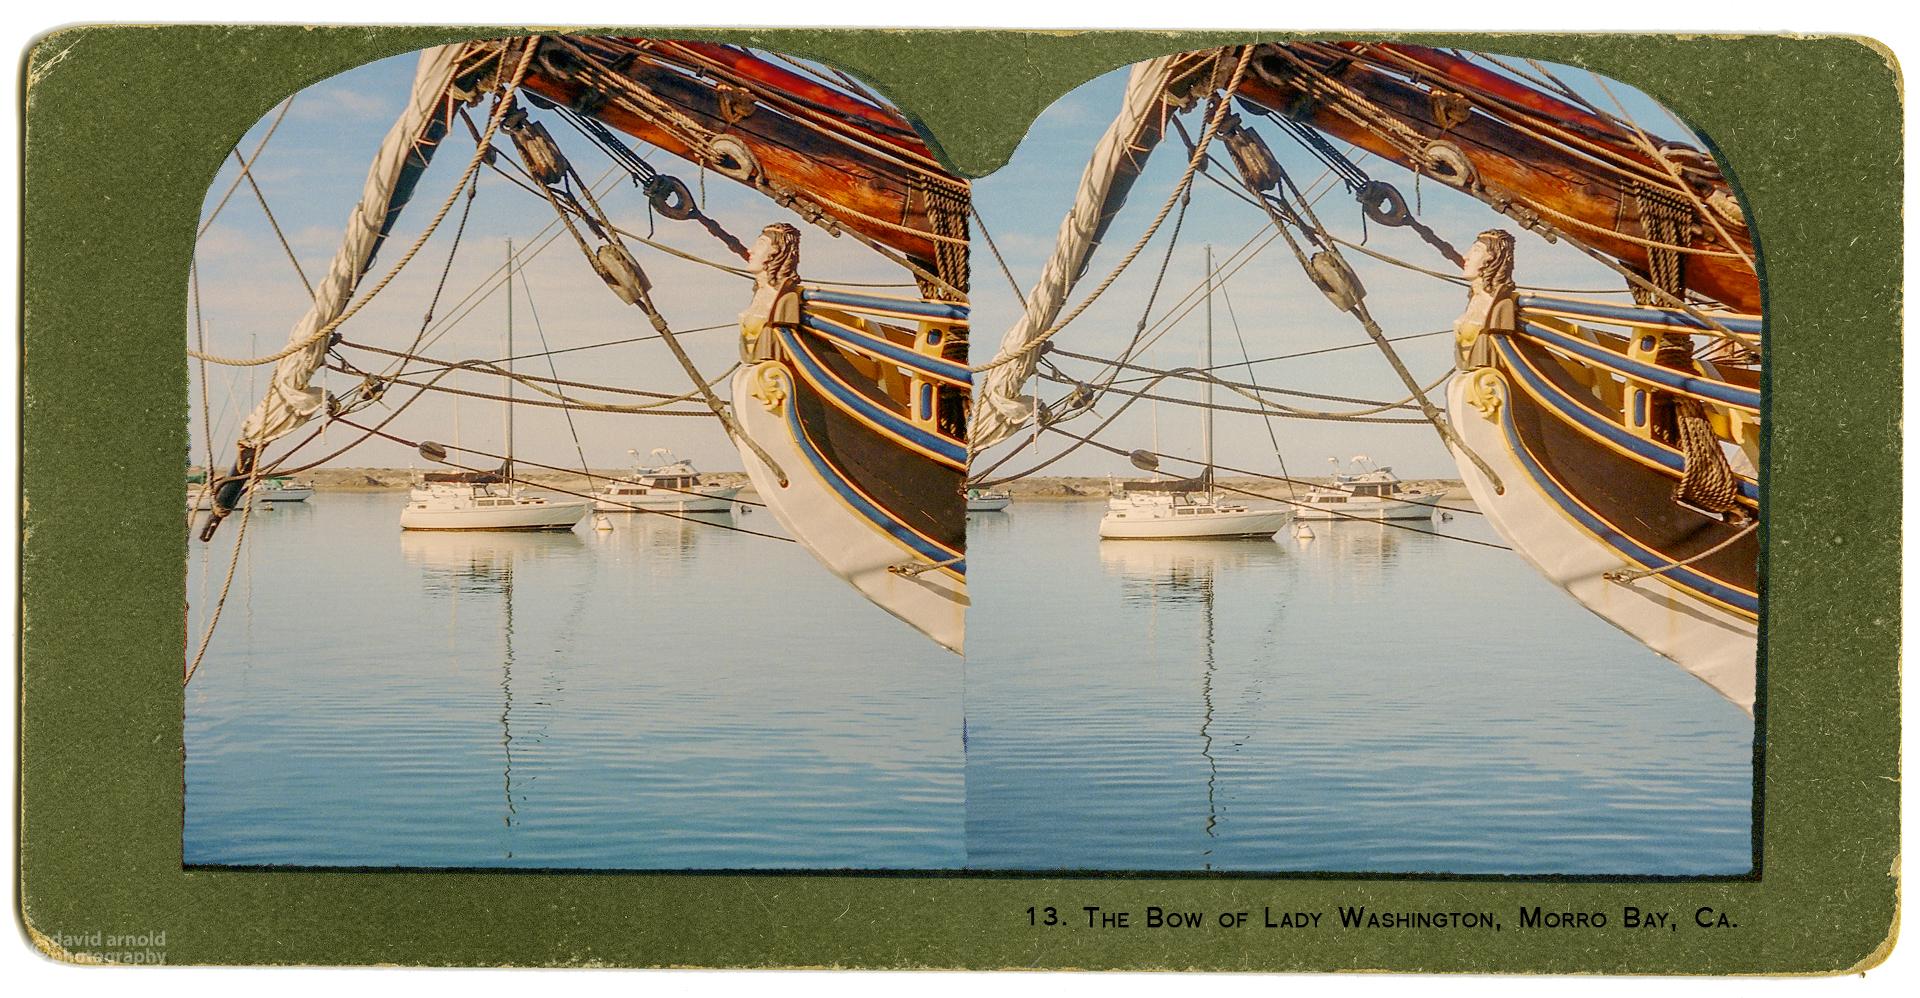 The Bow of Lady Washington, Morro Bay, CA. (Stereo Realist 35mm camera with Kodak Portra 400 Film